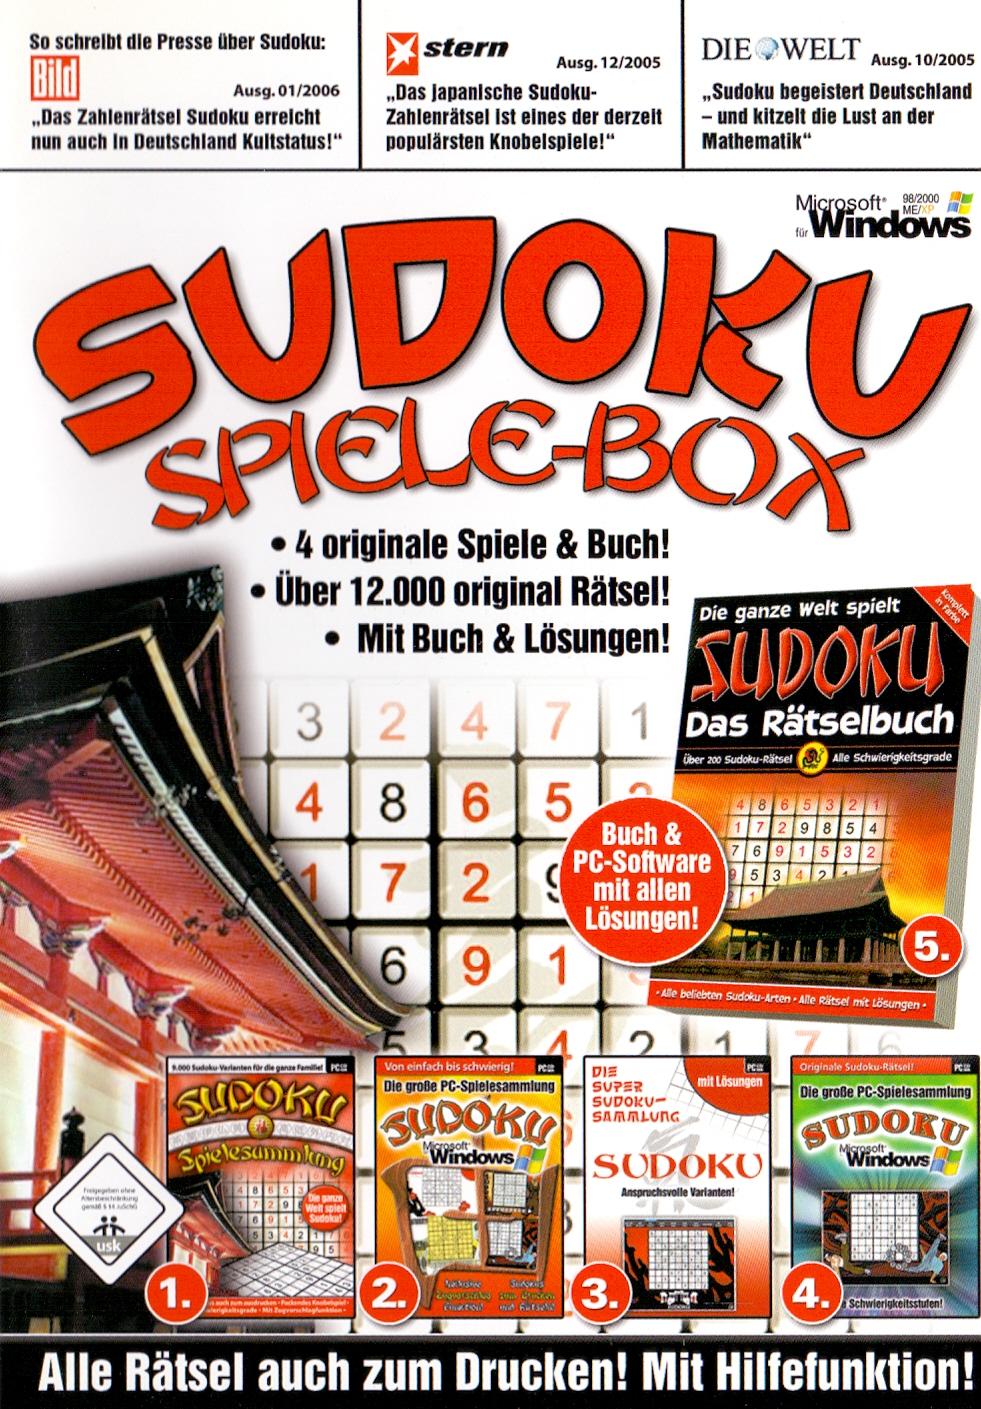 Sudoku - Spiele-Box